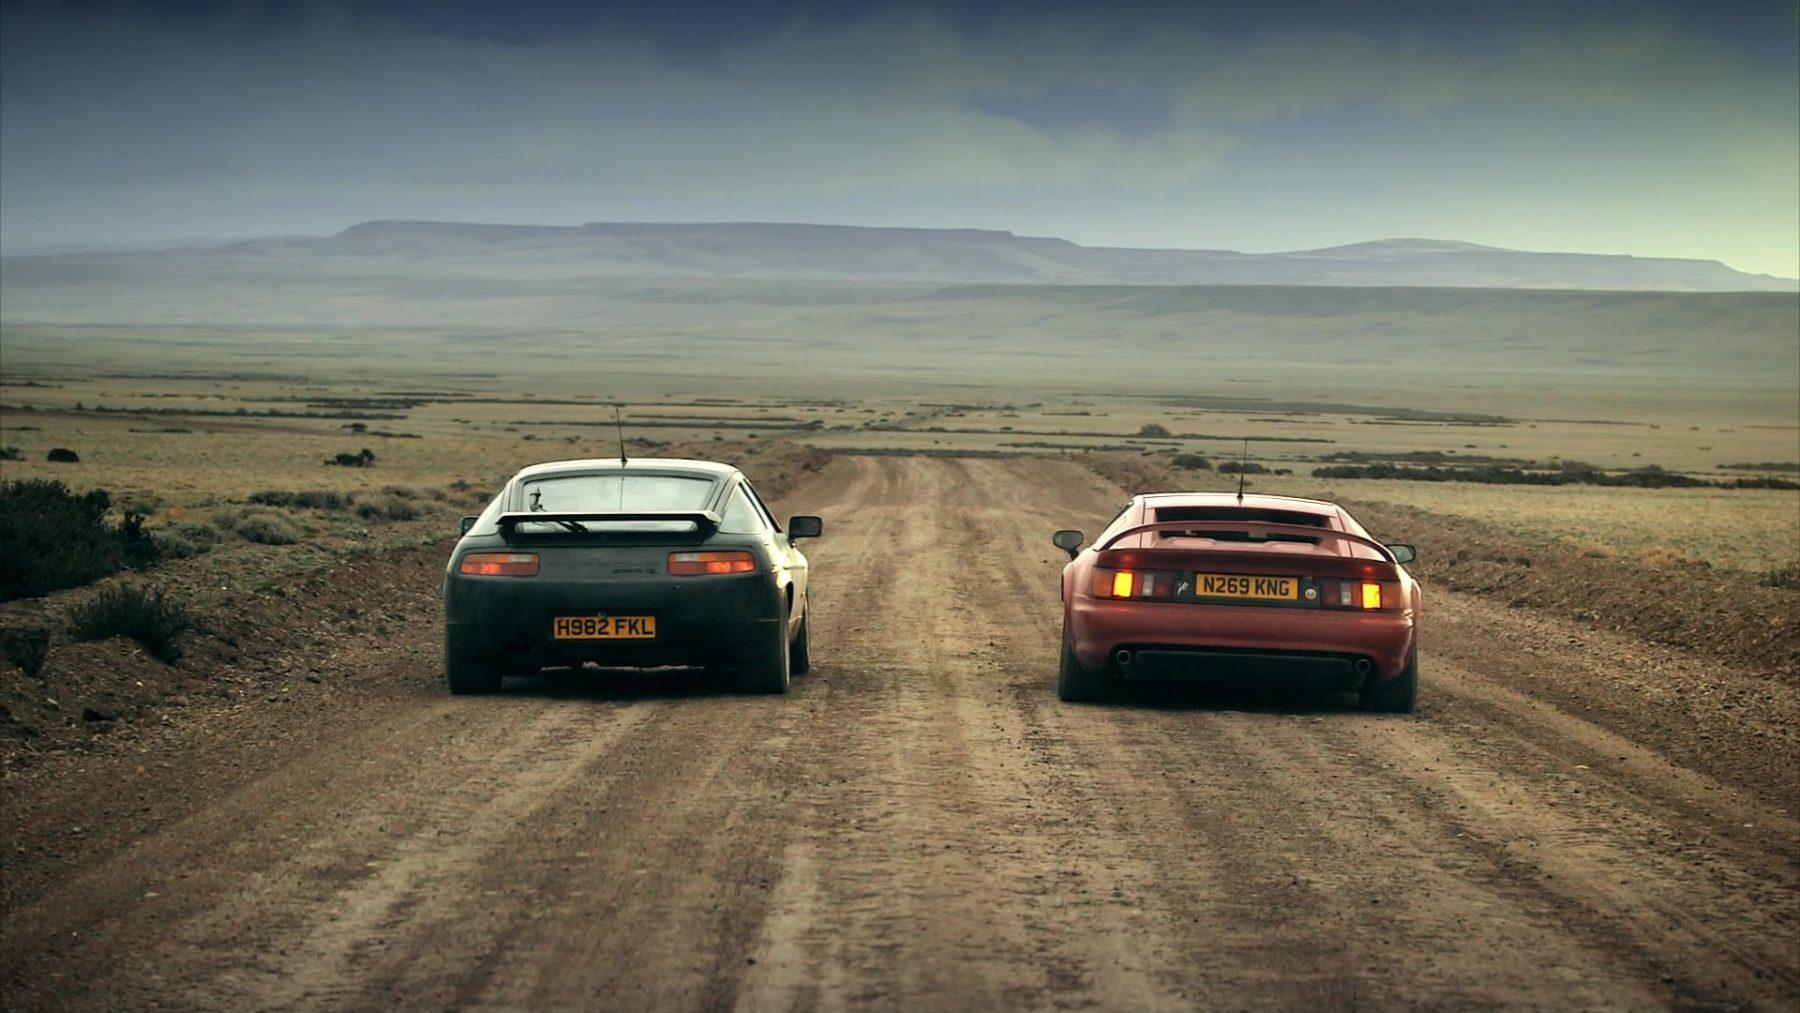 Top Gear Patagona Special